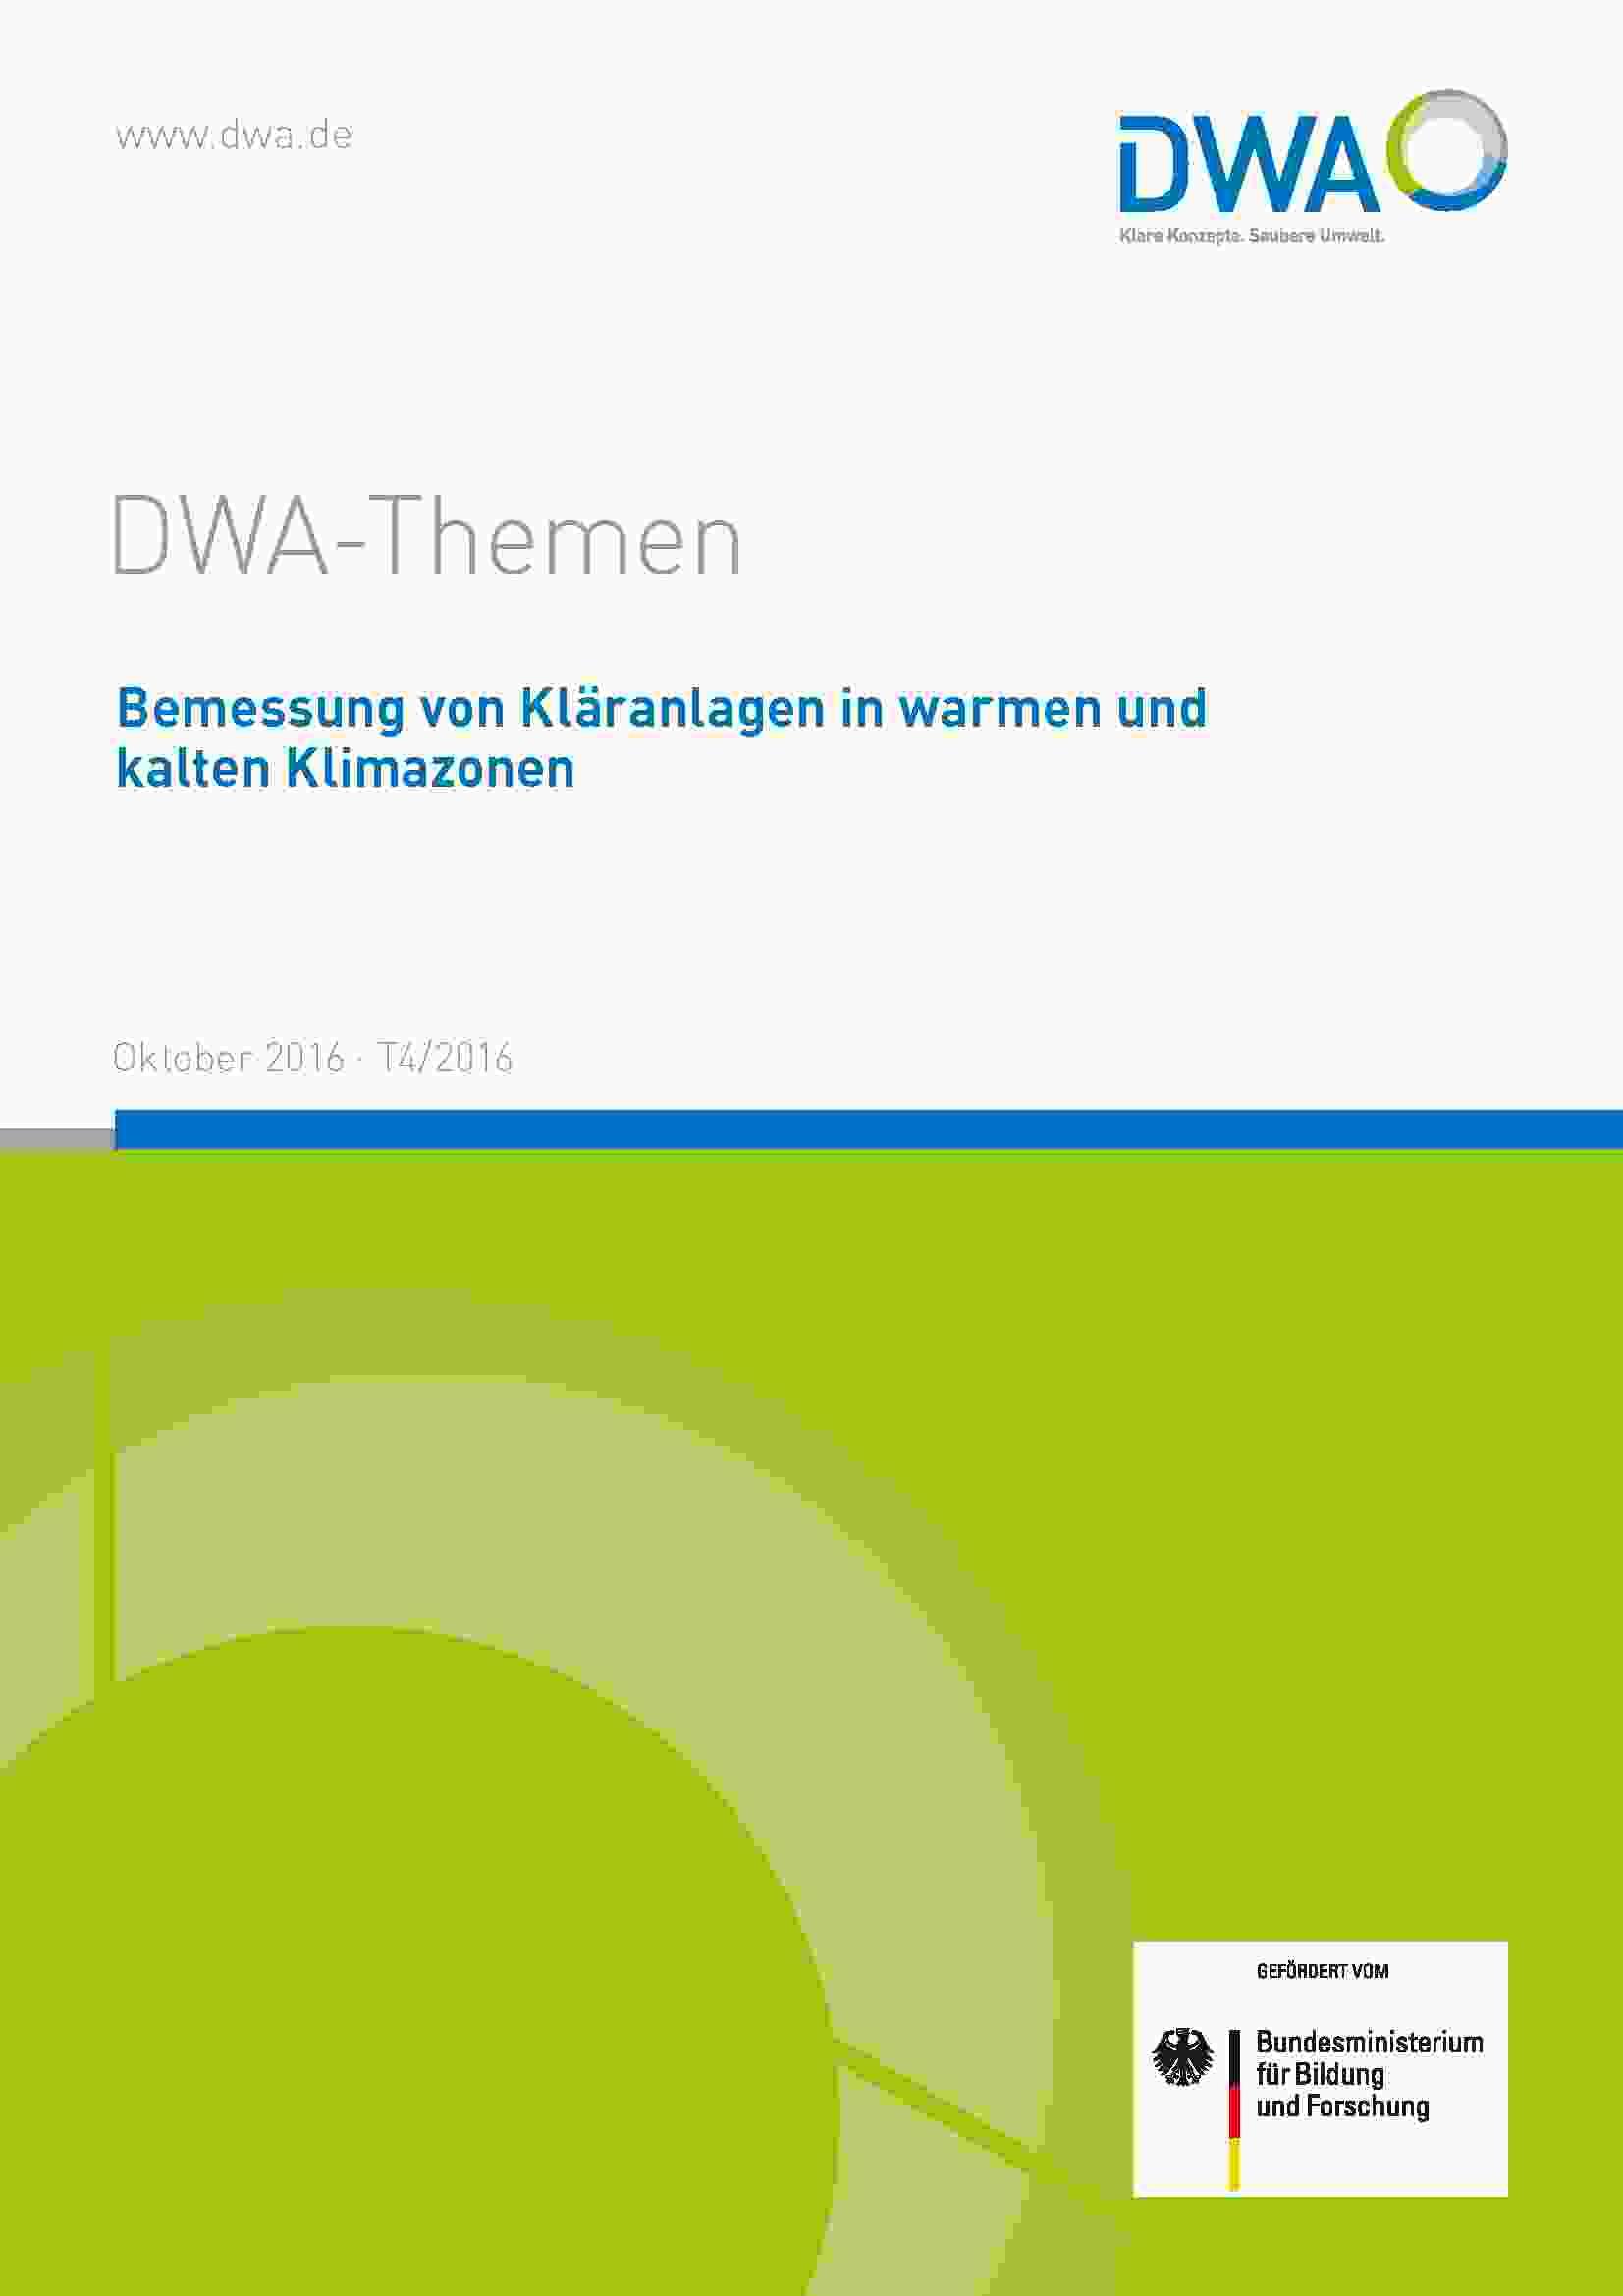 Deckblatt DWA Themen T4/2016